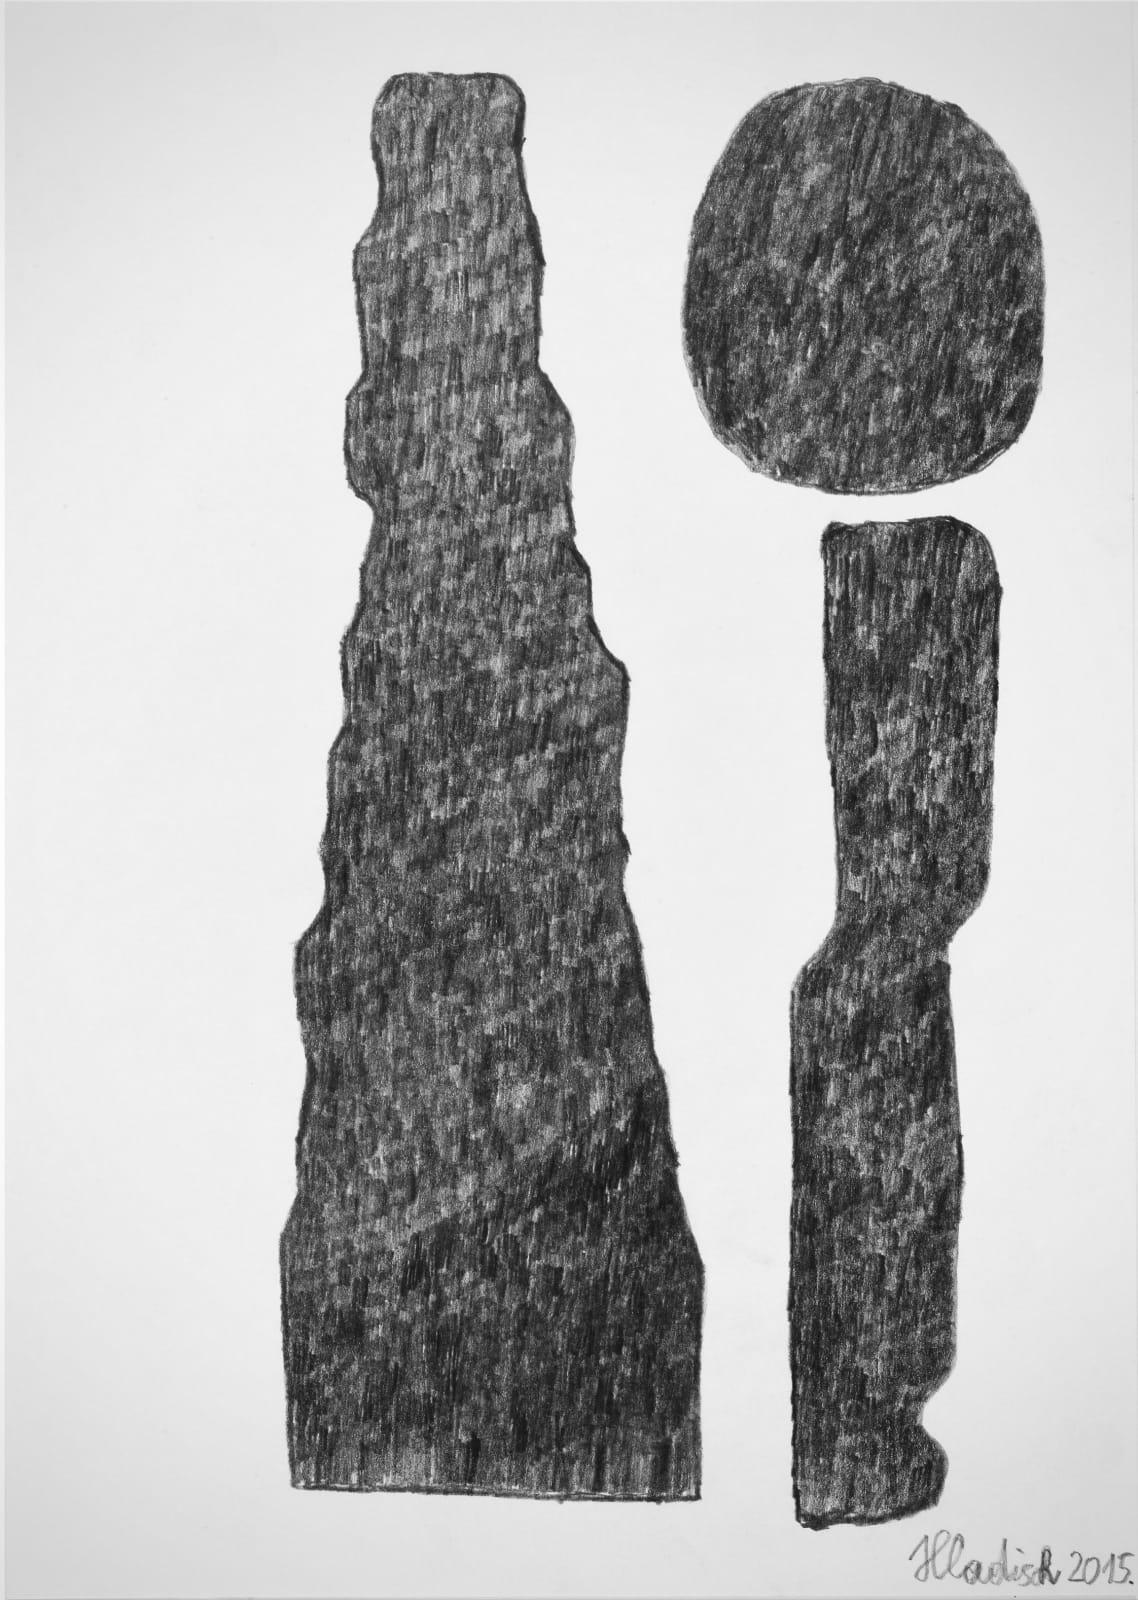 Cone, 2015 Graphite on paper 11.7 x 8.3 in. (29.7 x 21 cm.) (HH 13) $3,000